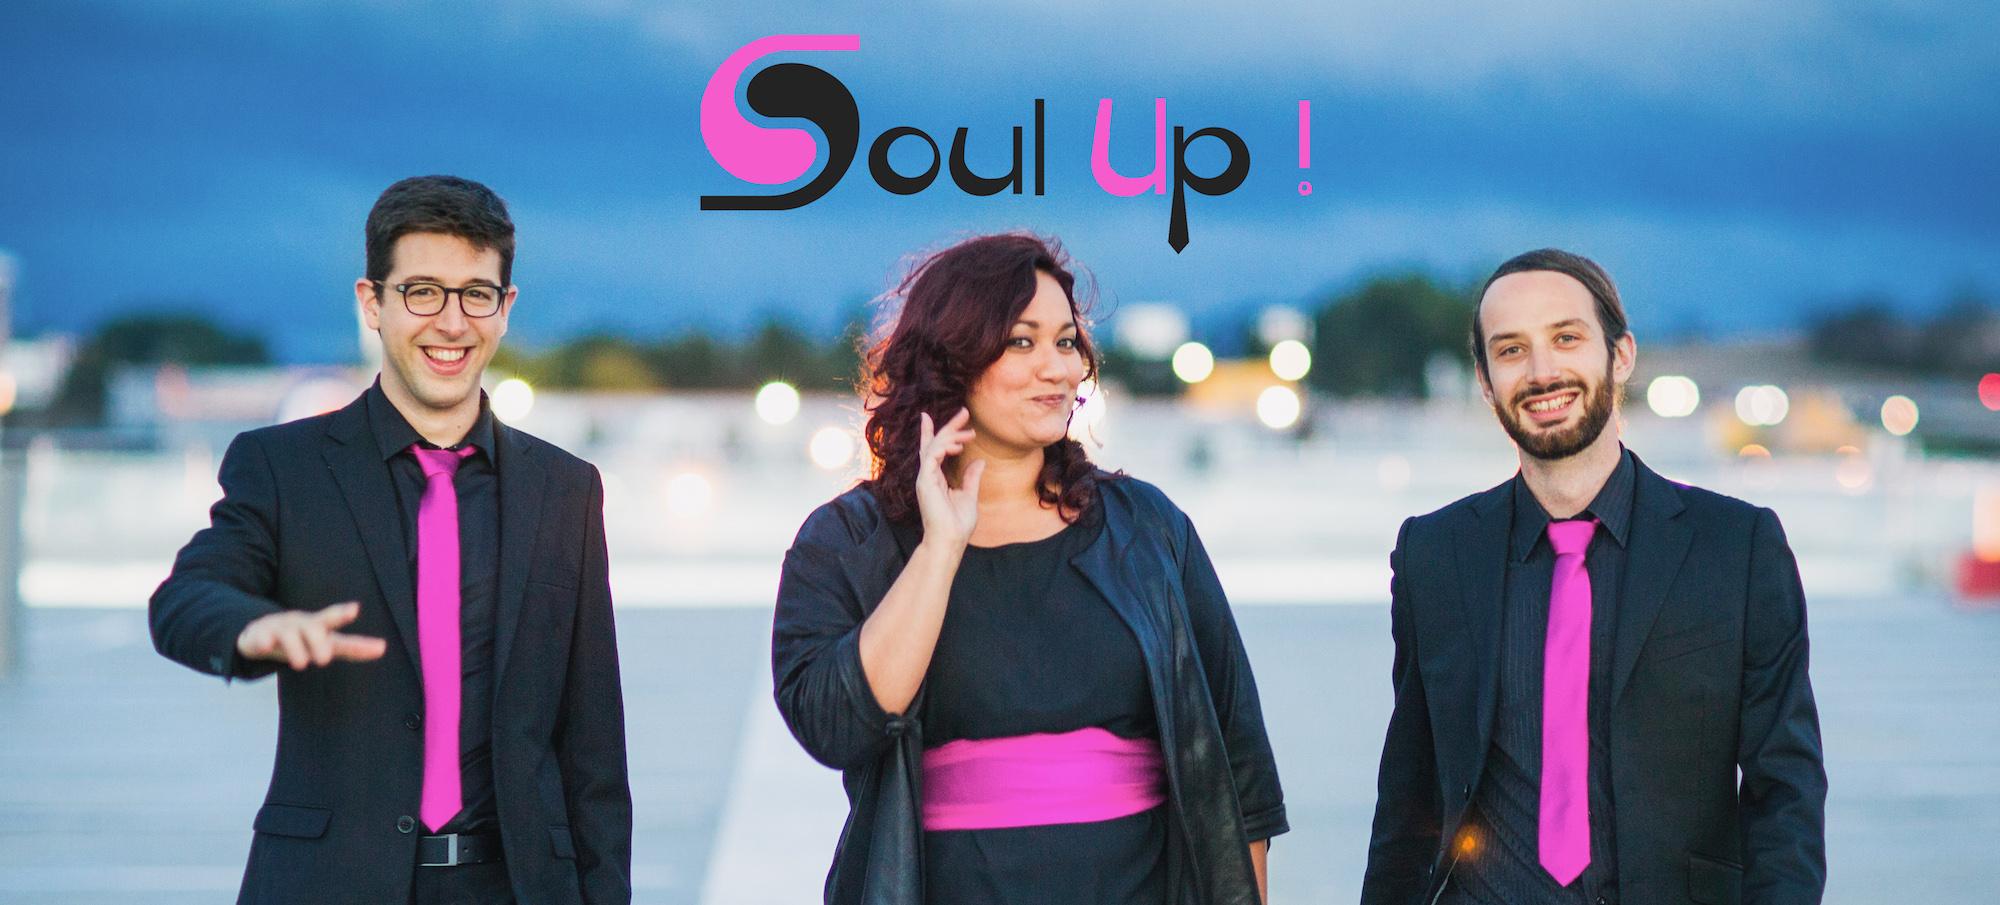 Soul Up